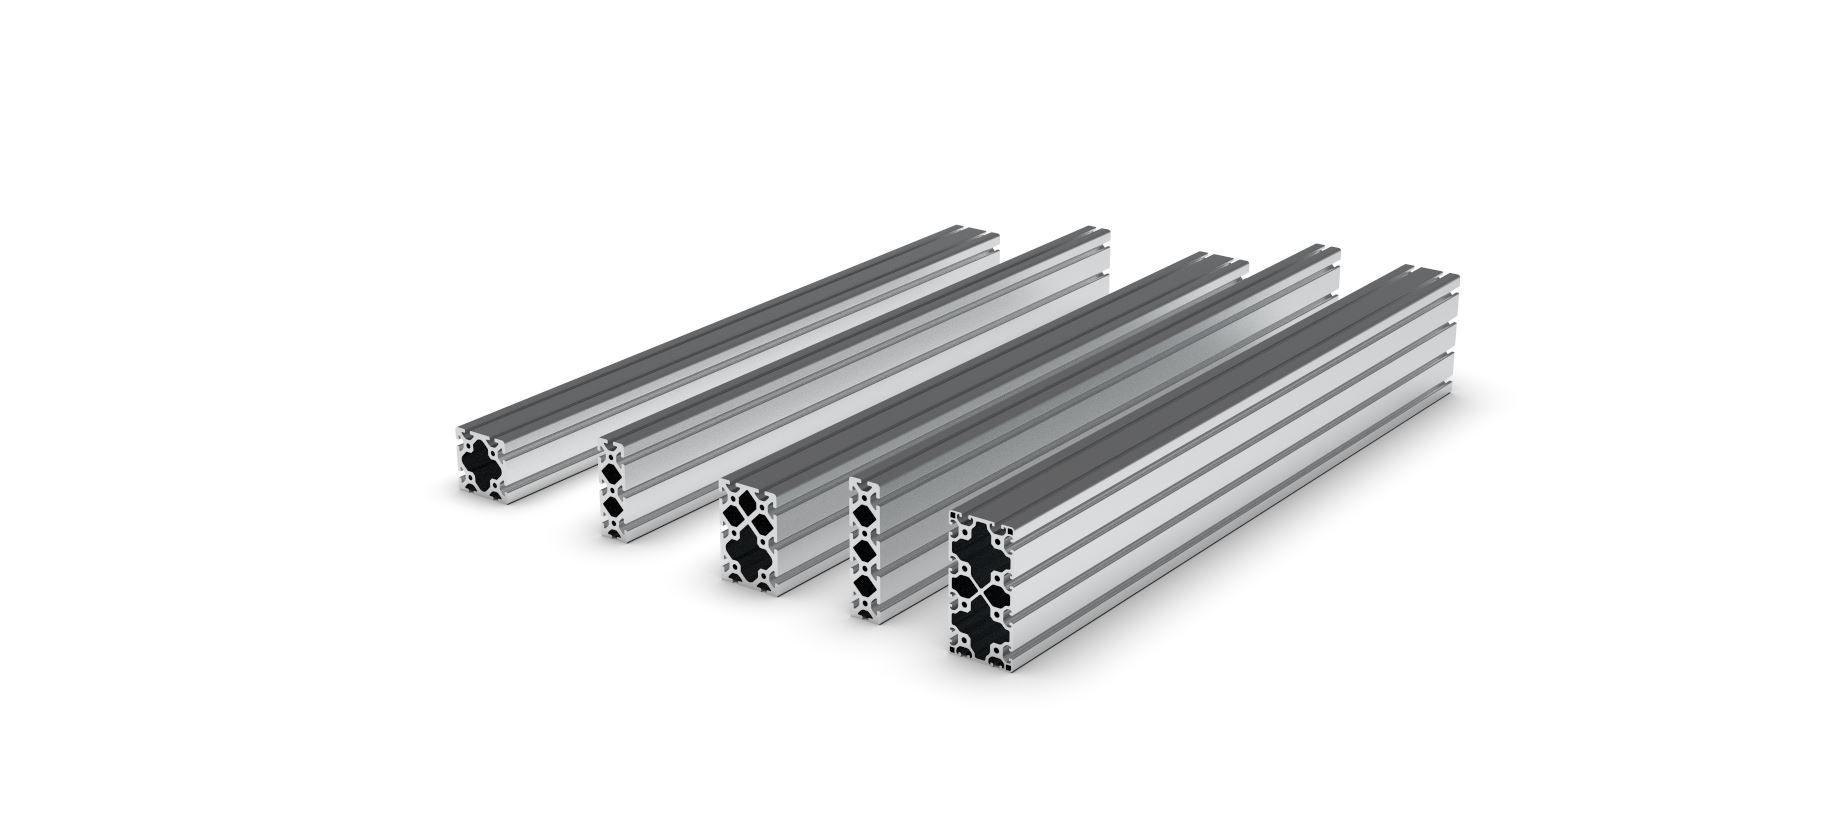 Passend zu… - 160x80, 160x40, 120x80, 120x40, 80x80Wählen sie Ihre Aluminiumprofile einfach danach aus, welches Budget Ihnen zur Verfügung steht.Upgraden Sie einfach später!